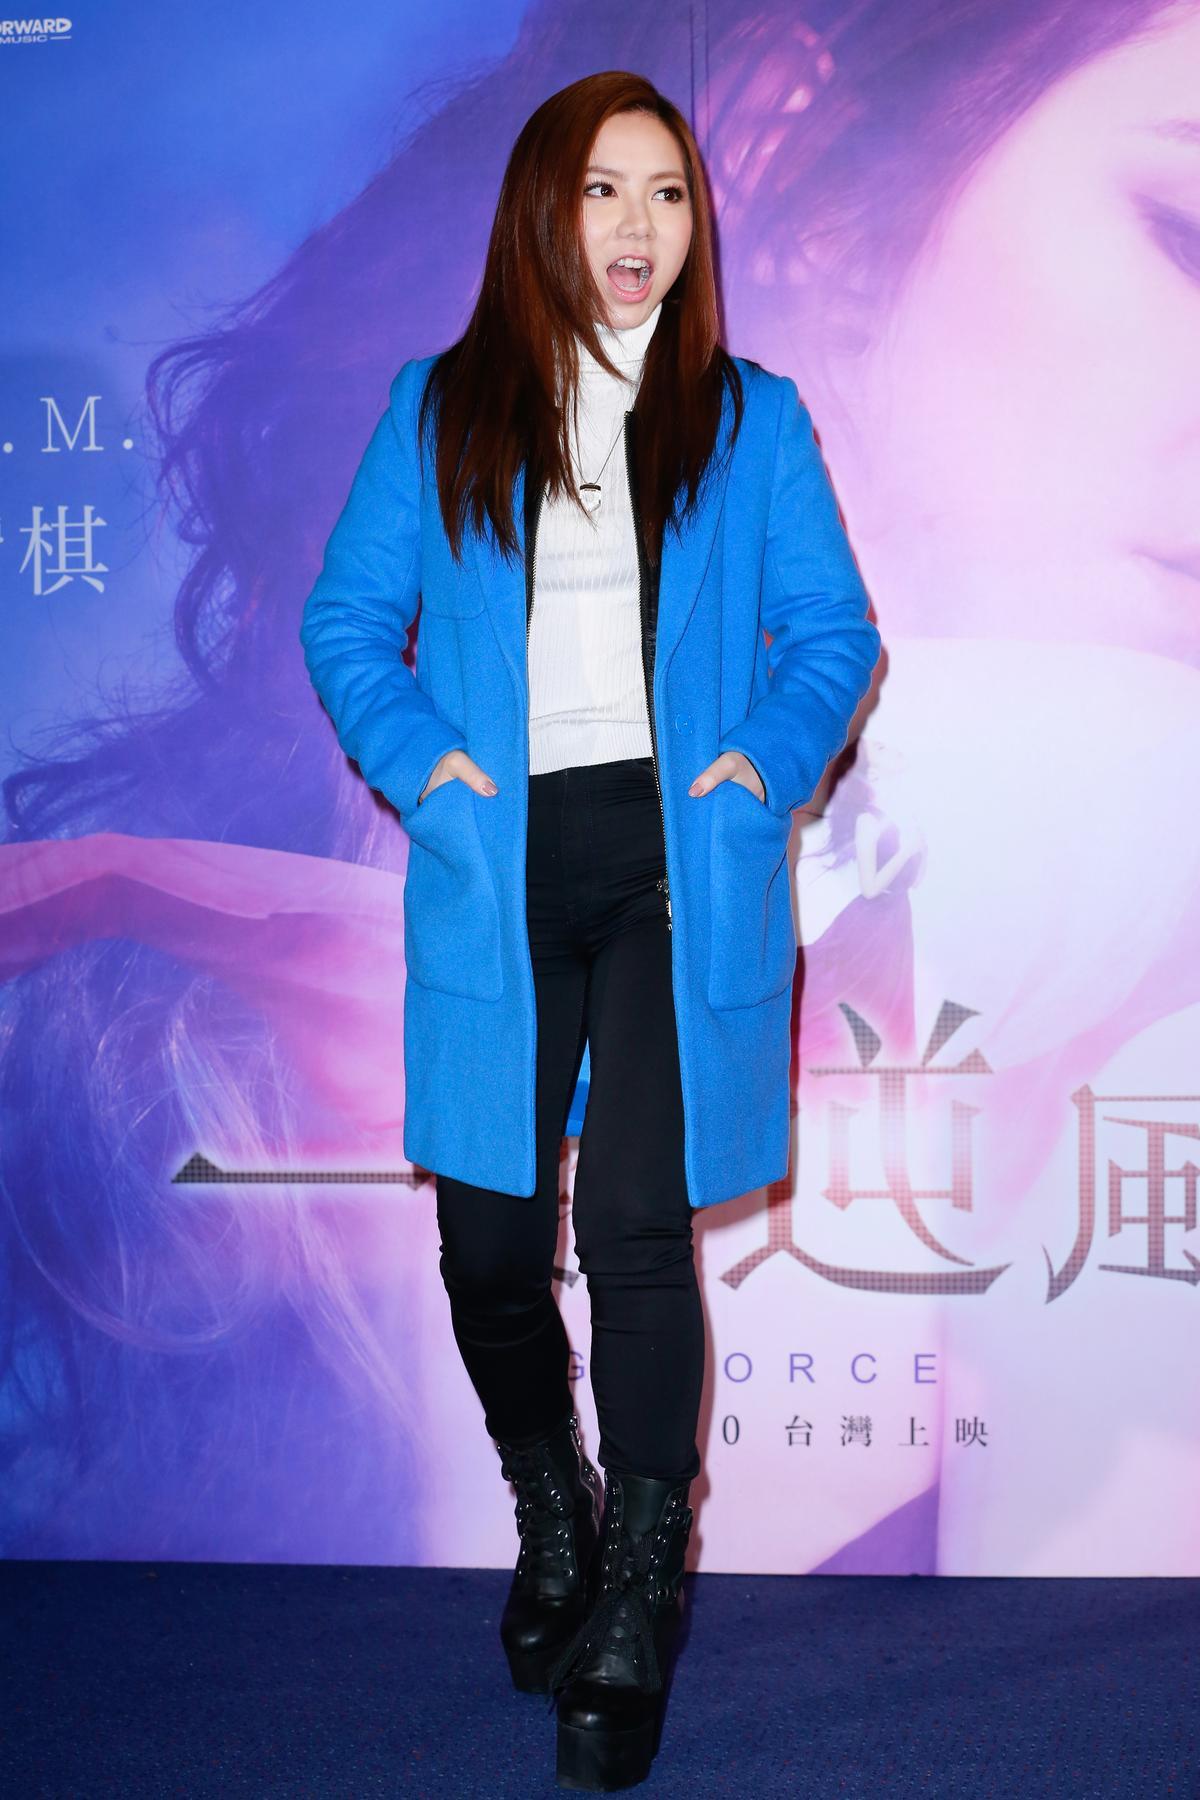 鄧紫棋來台灣的氣場強大,果真港式作風。看她之前罵林宥嘉罵成那副德性,果真人如其話,看來很不好惹。